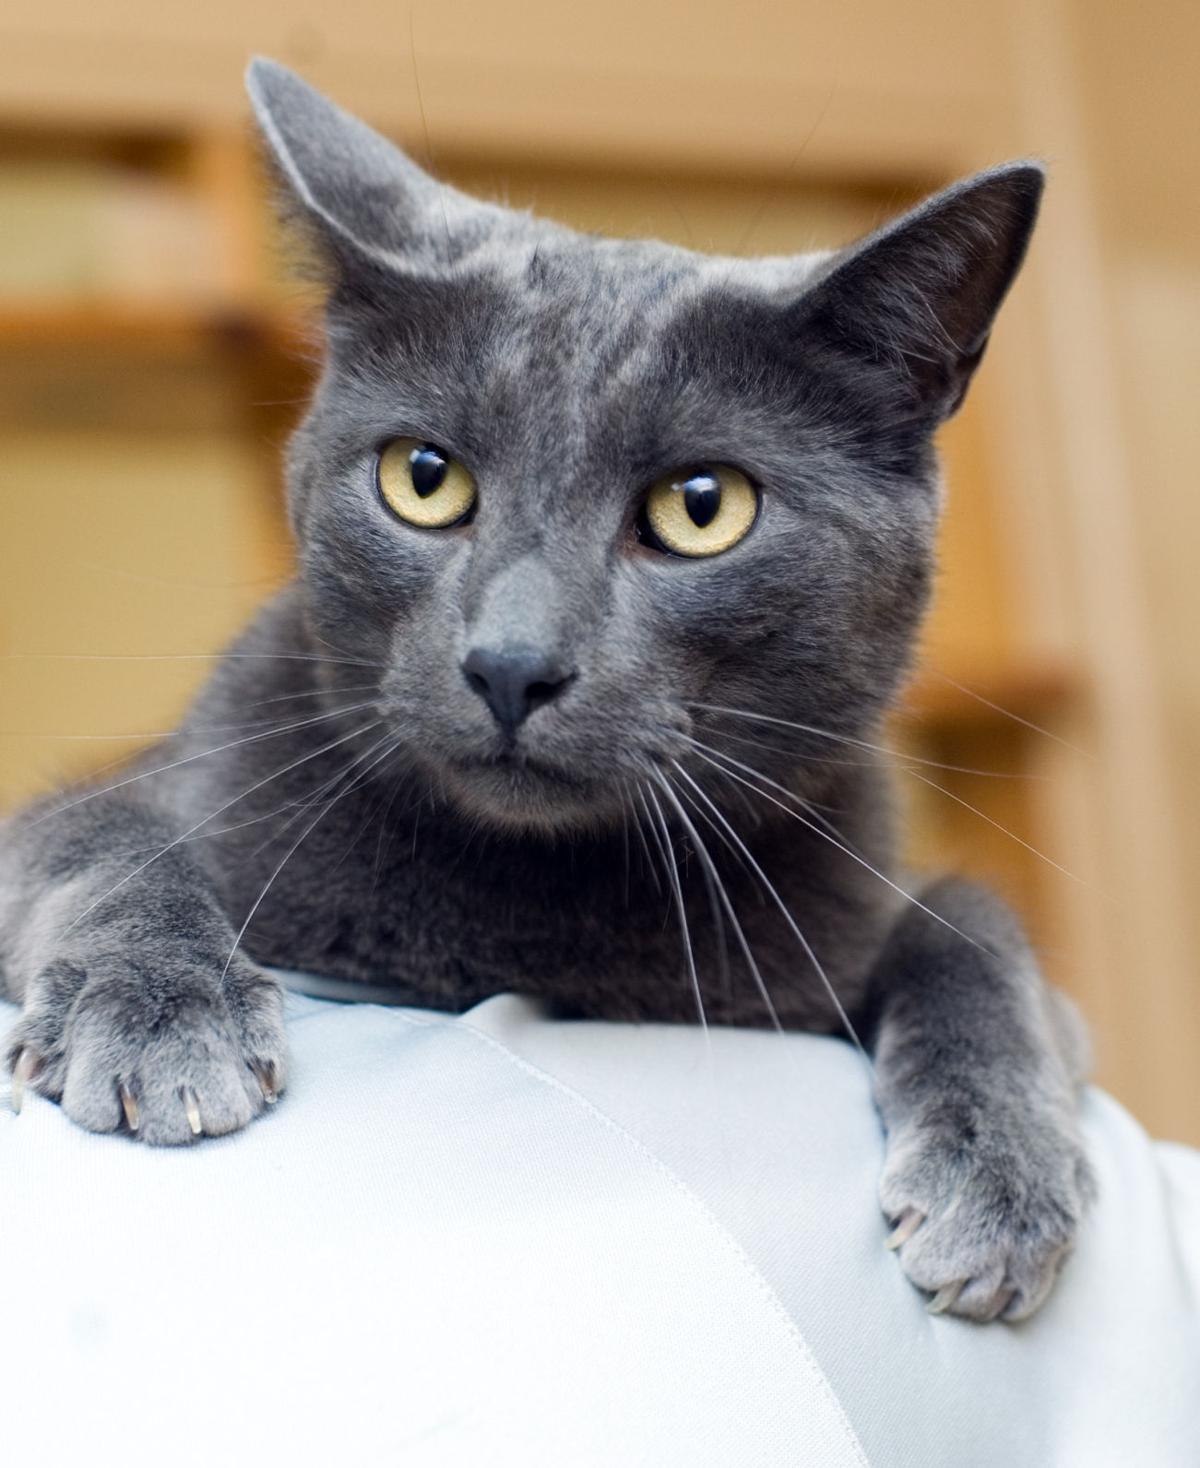 070216-mat-pets-cat-KK.jpg